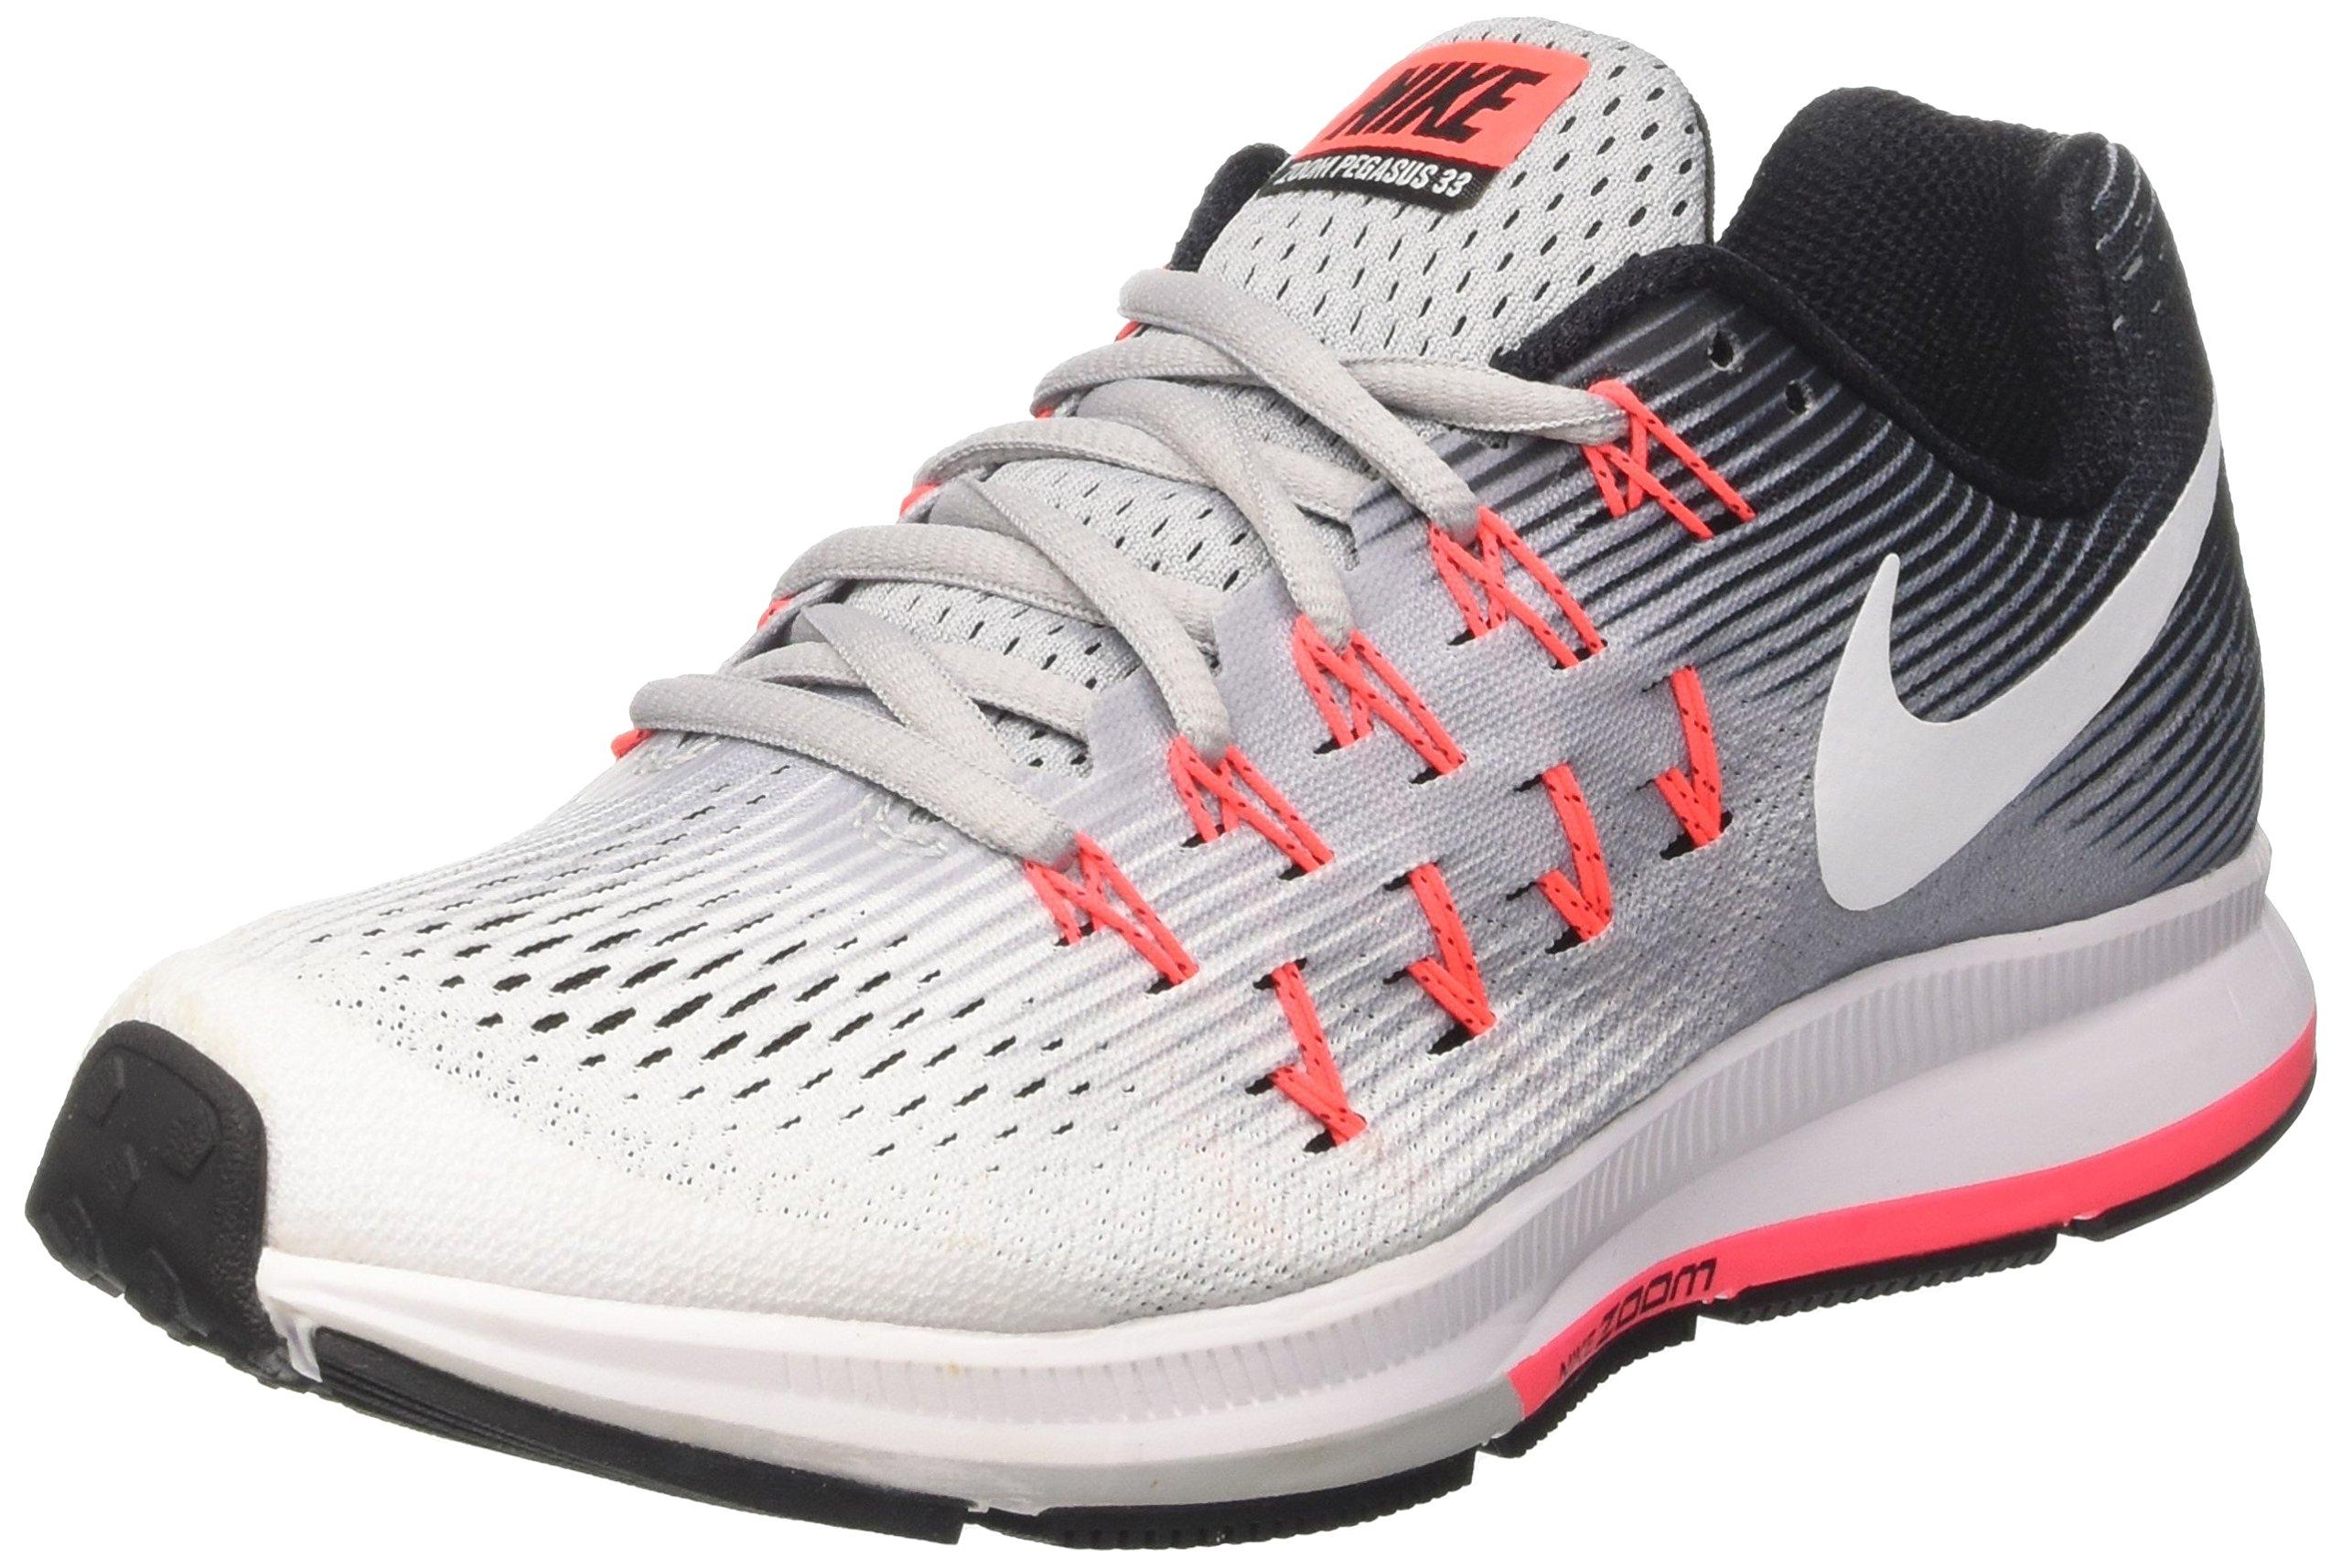 Nike Womens Air Zoom Pegasus 33 Wolf Grey/White/Black Running Shoe 5 Women US